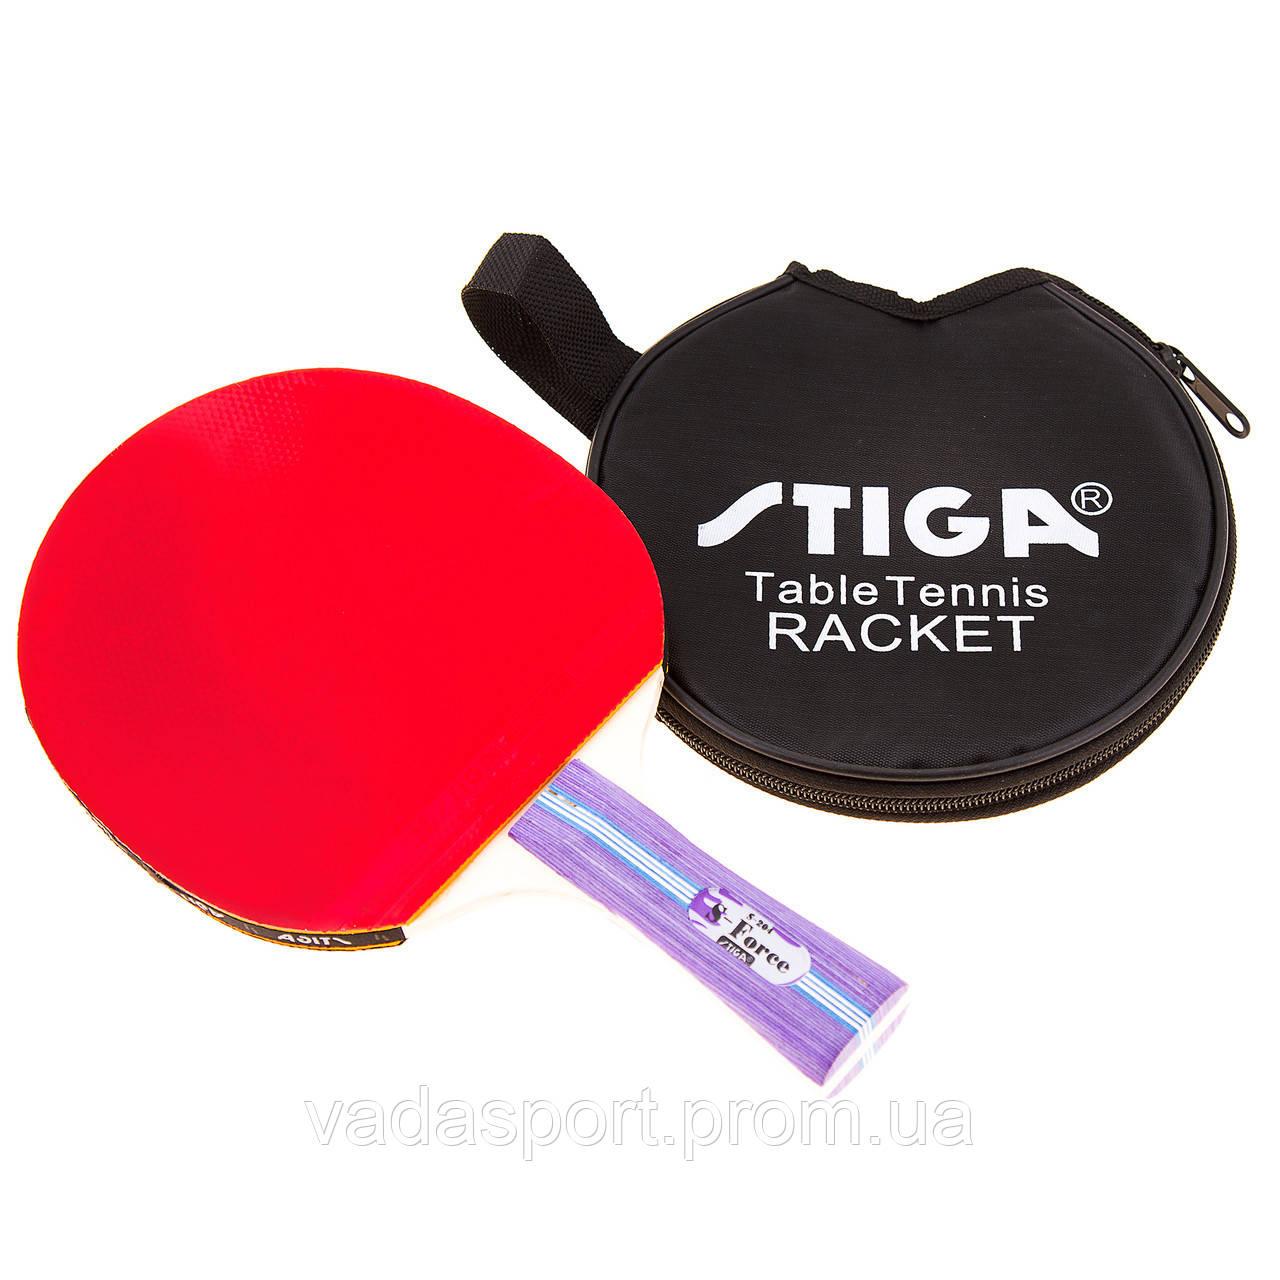 Теннисная ракетка Stiga Focus ST-204B, цена 196 грн., купить в ... 461ce7d2616